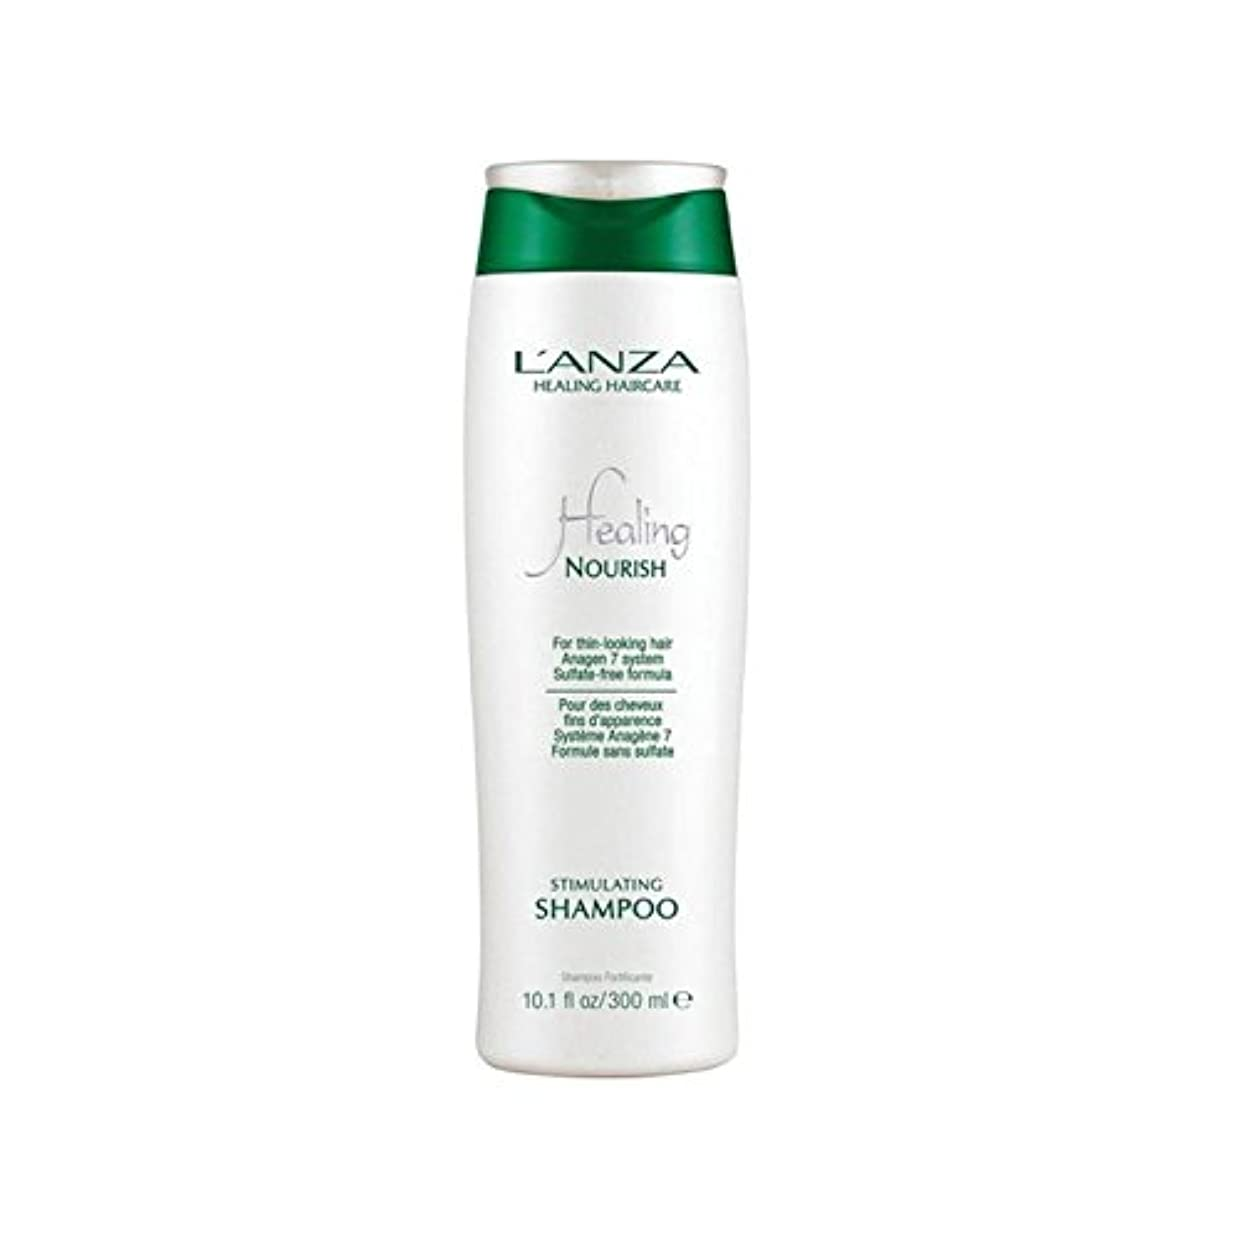 降ろす活力オプションアンザ治癒はシャンプーを刺激養う(300ミリリットル) x4 - L'Anza Healing Nourish Stimulating Shampoo (300ml) (Pack of 4) [並行輸入品]